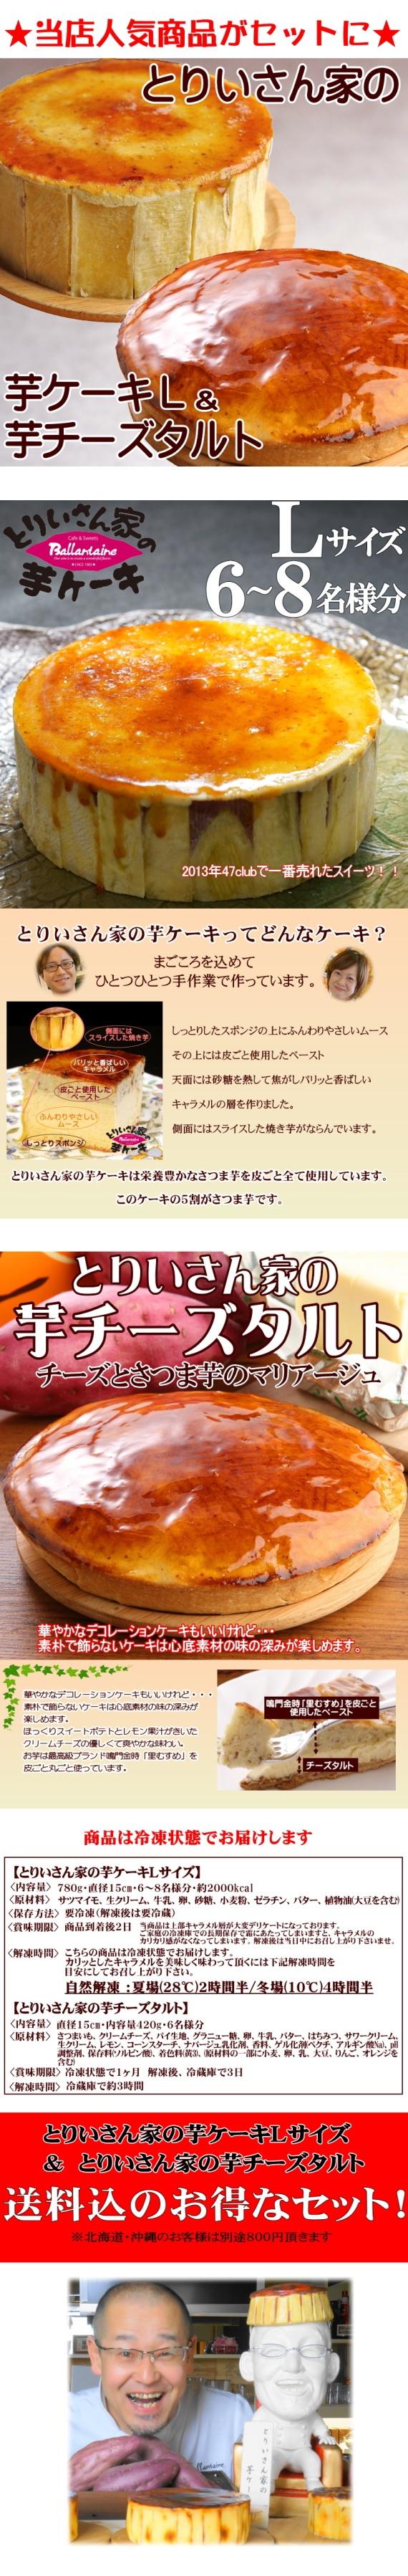 芋ケーキLサイズ&メッチャ美味しい芋チーズタルト★当店人気商品